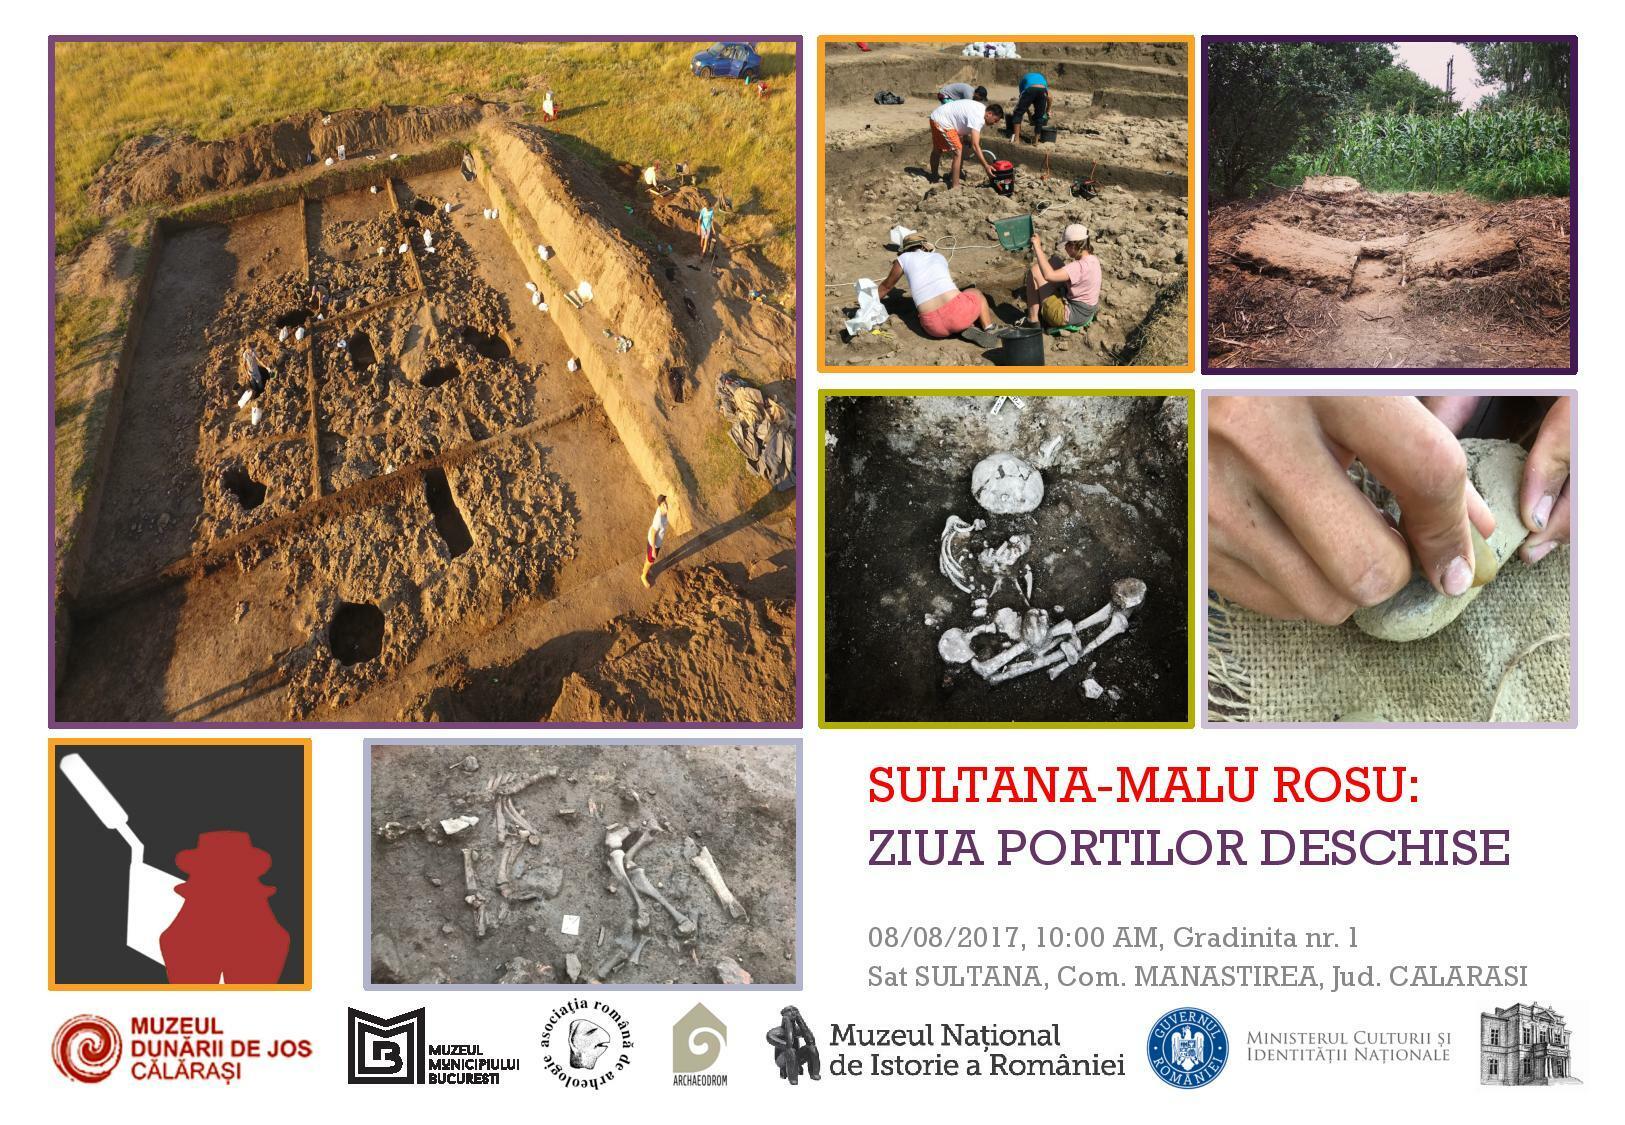 Ziua Porților Deschise de pe șantierul arheologic Sultana-Malu Roșu